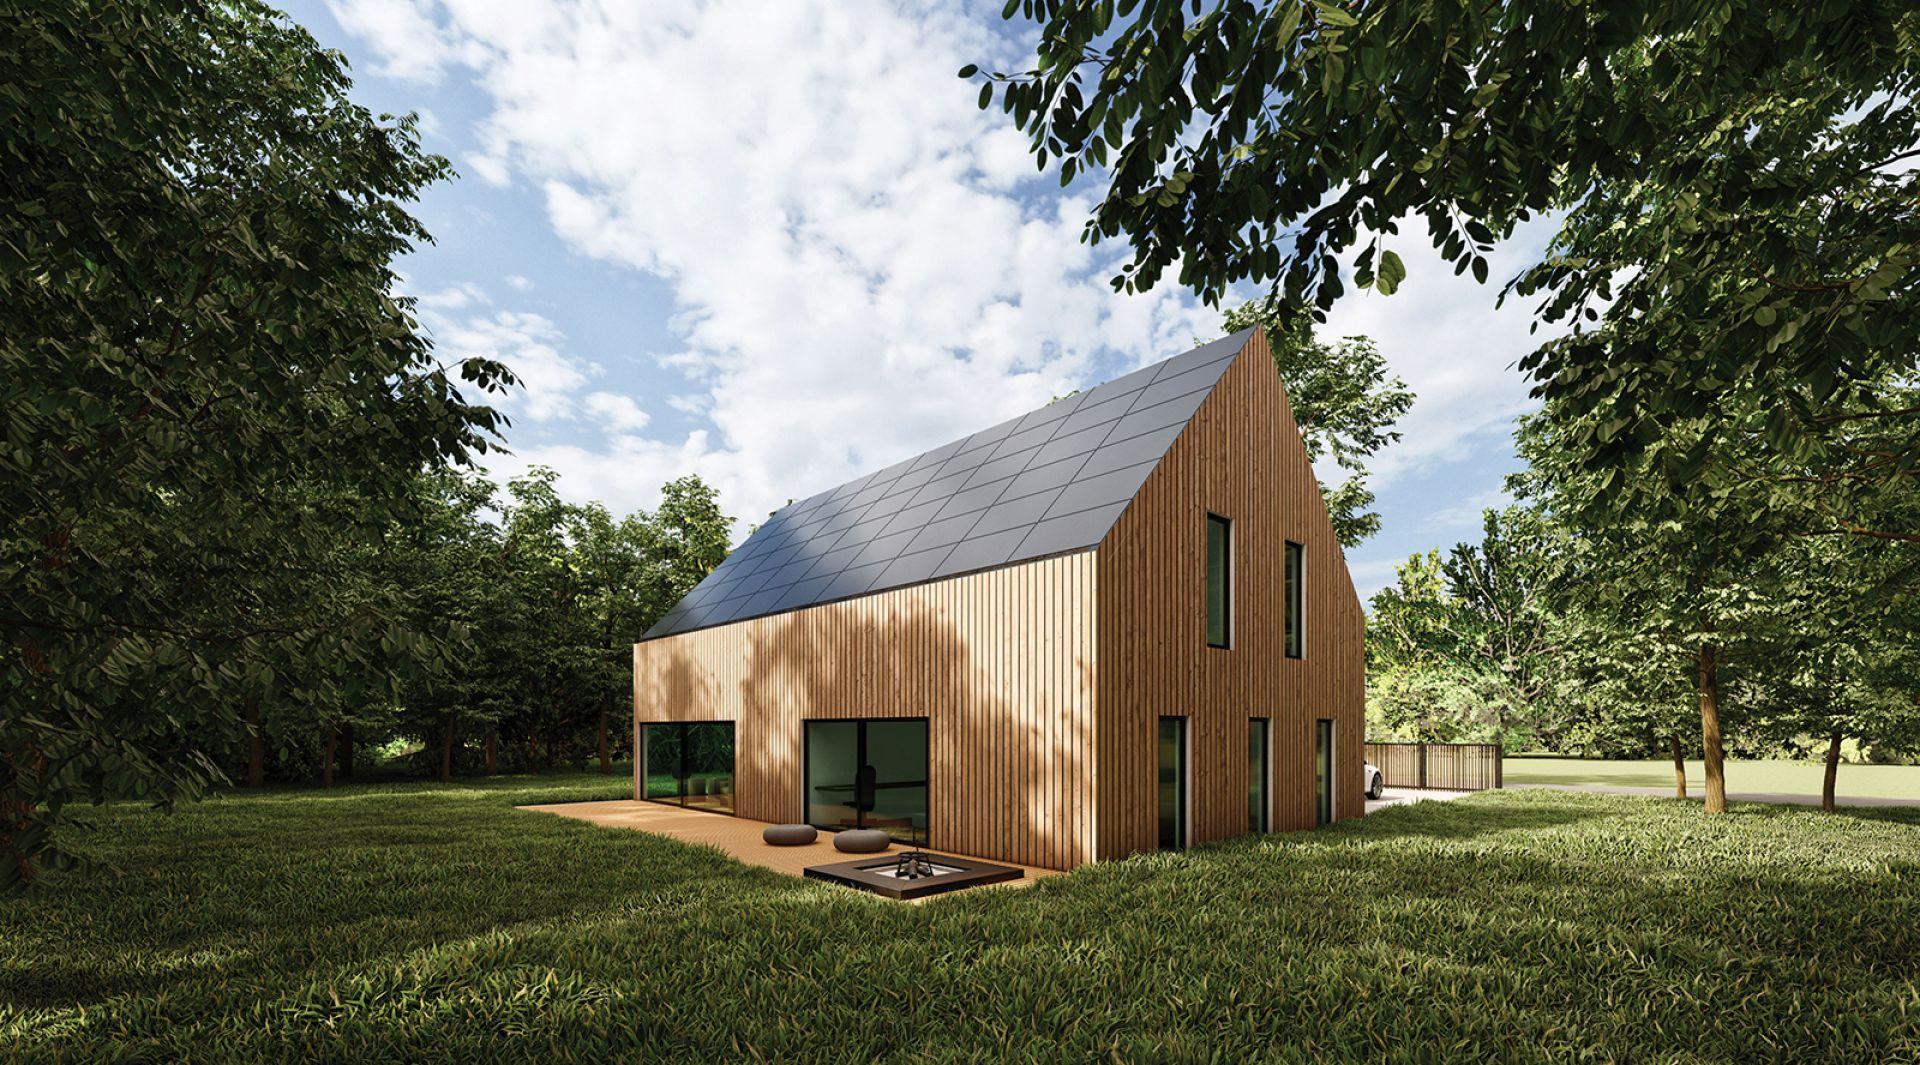 """Stylistyka domu nawiązuje do """"nowoczesnej stodoły"""" oraz modernistycznych zasad przenikania wnętrza z zewnętrzem. Fot. mat. prasowe SunRoof"""